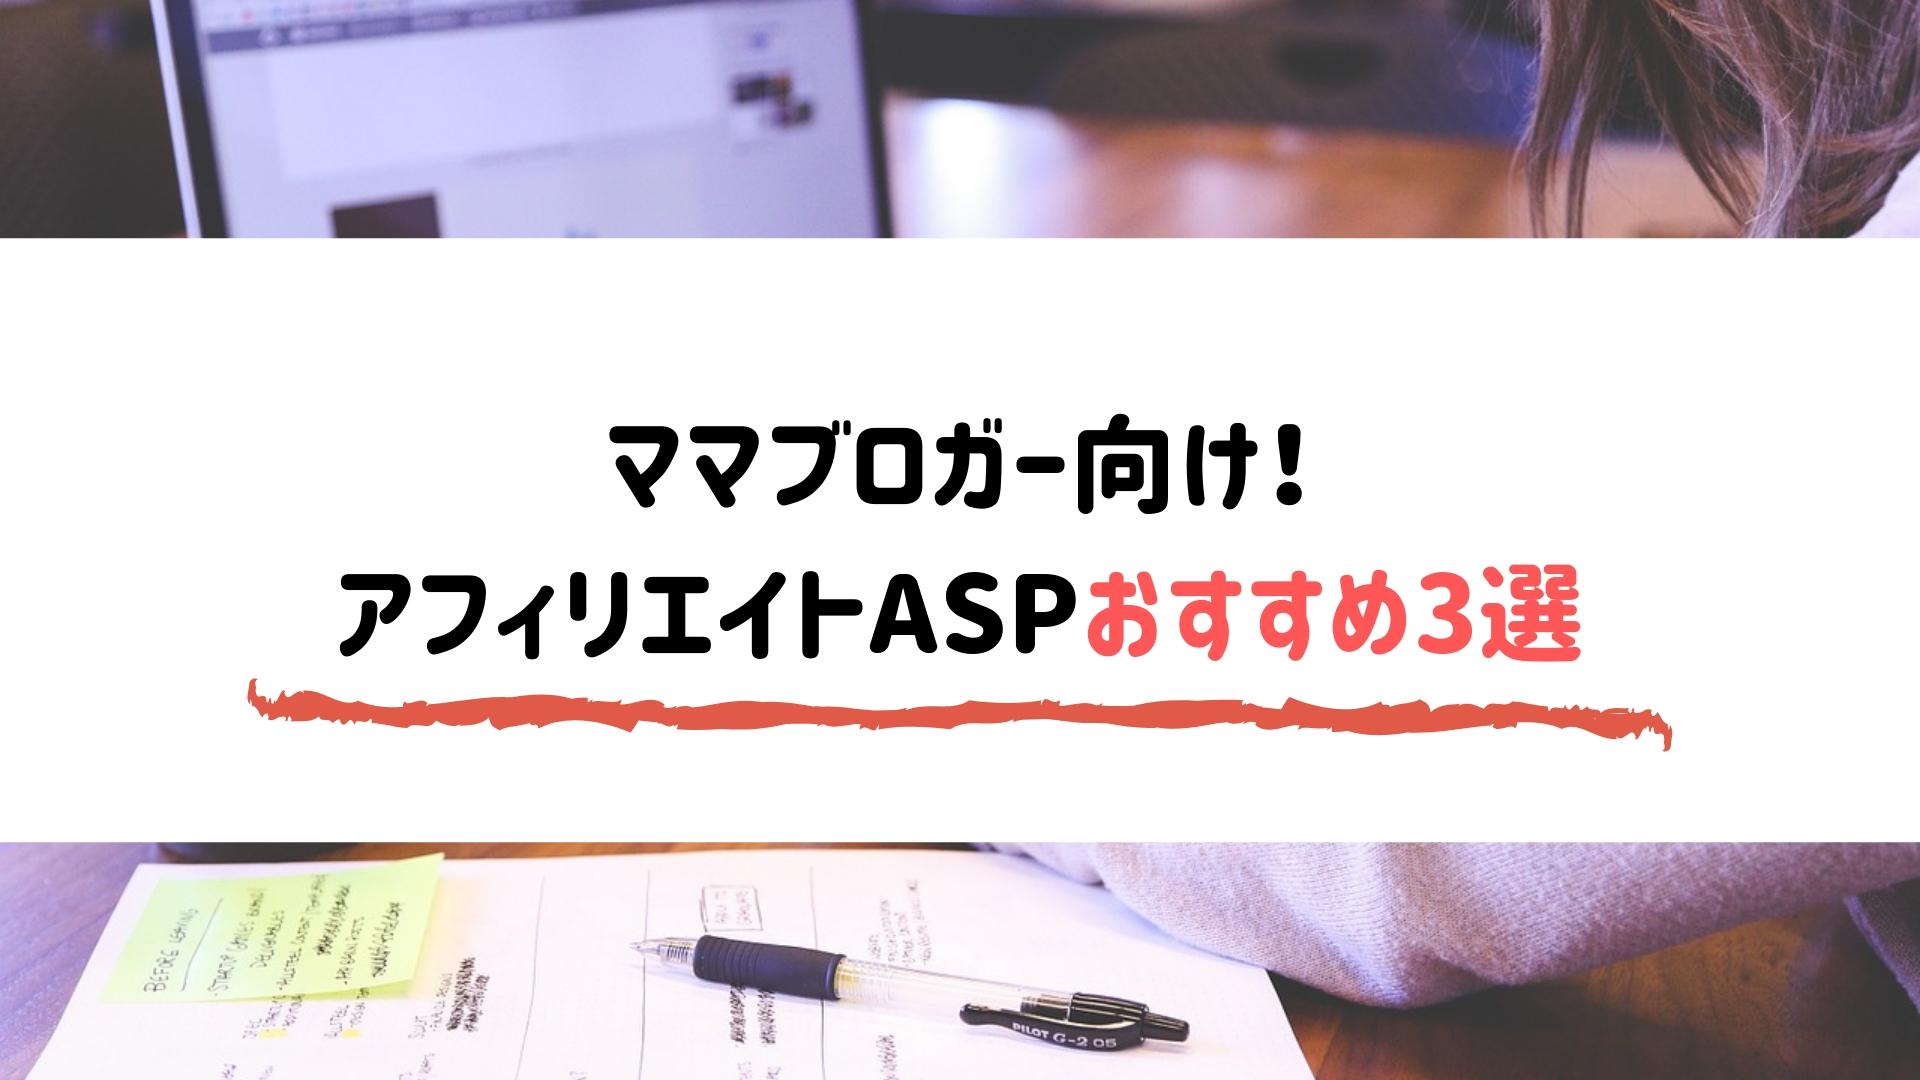 ママブロガー向け! アフィリエイトASP広告おすすめ3選